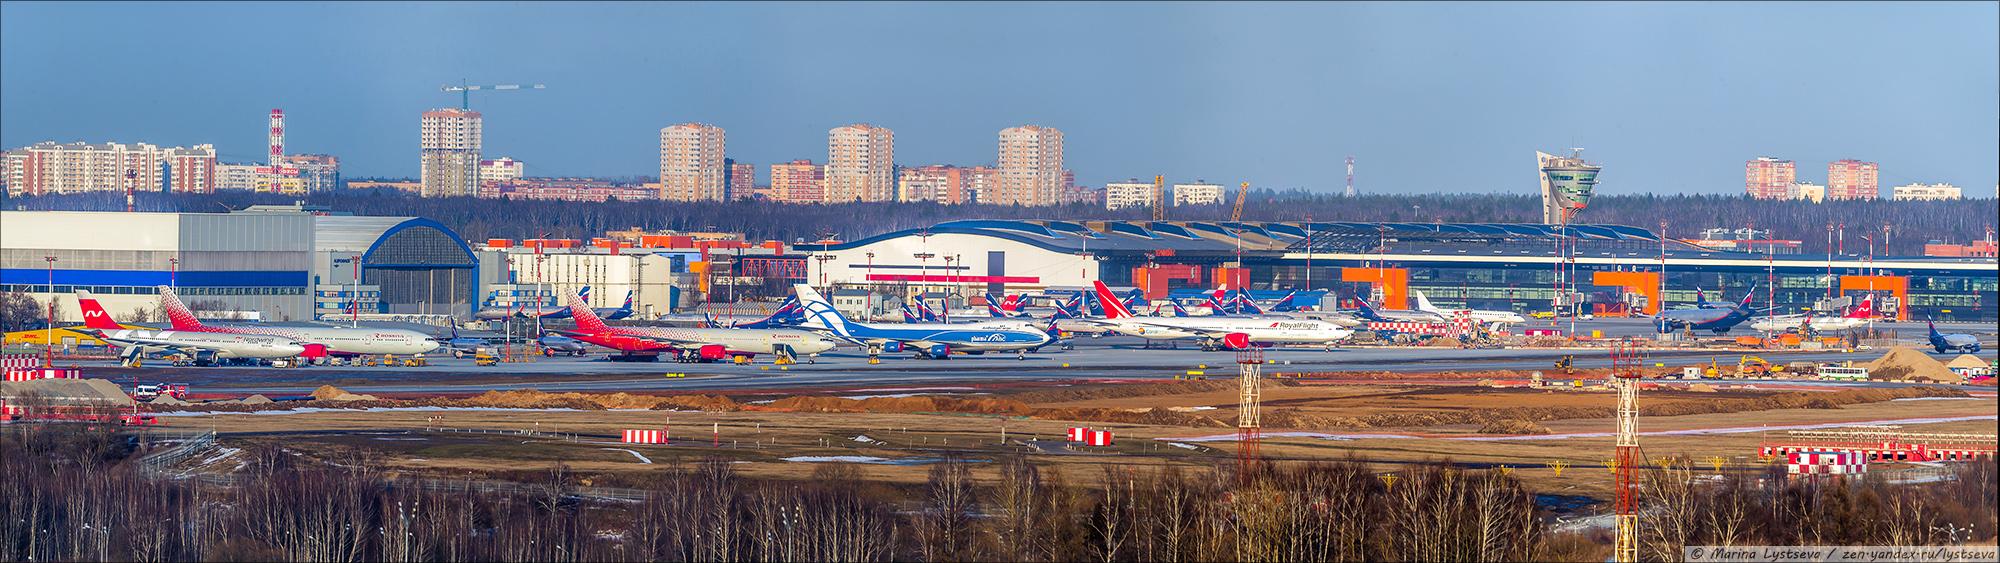 B79Q7615 Panorama